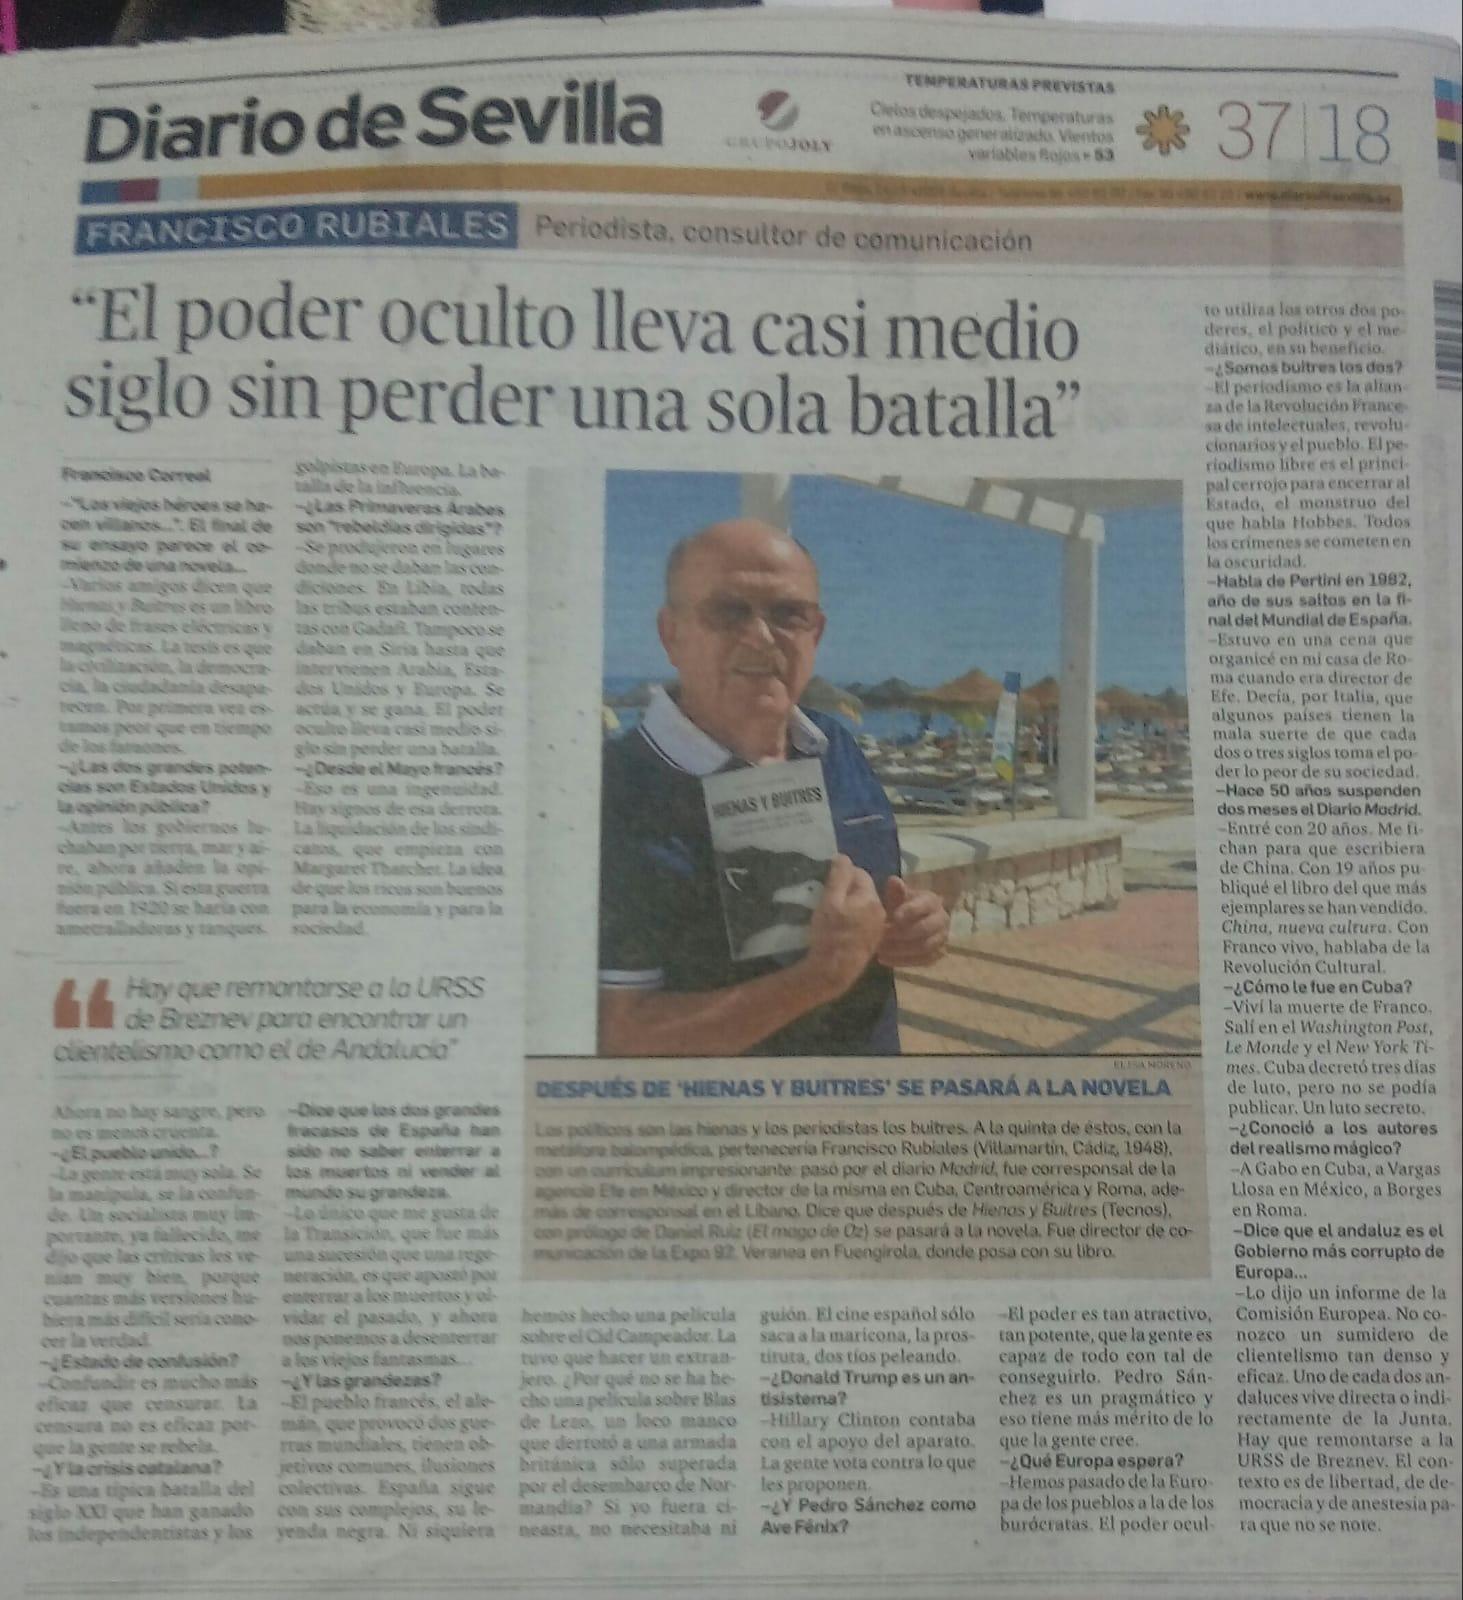 """FRANCISCO RUBIALES:  """"El poder oculto lleva casi medio siglo sin perder una sola batalla"""""""